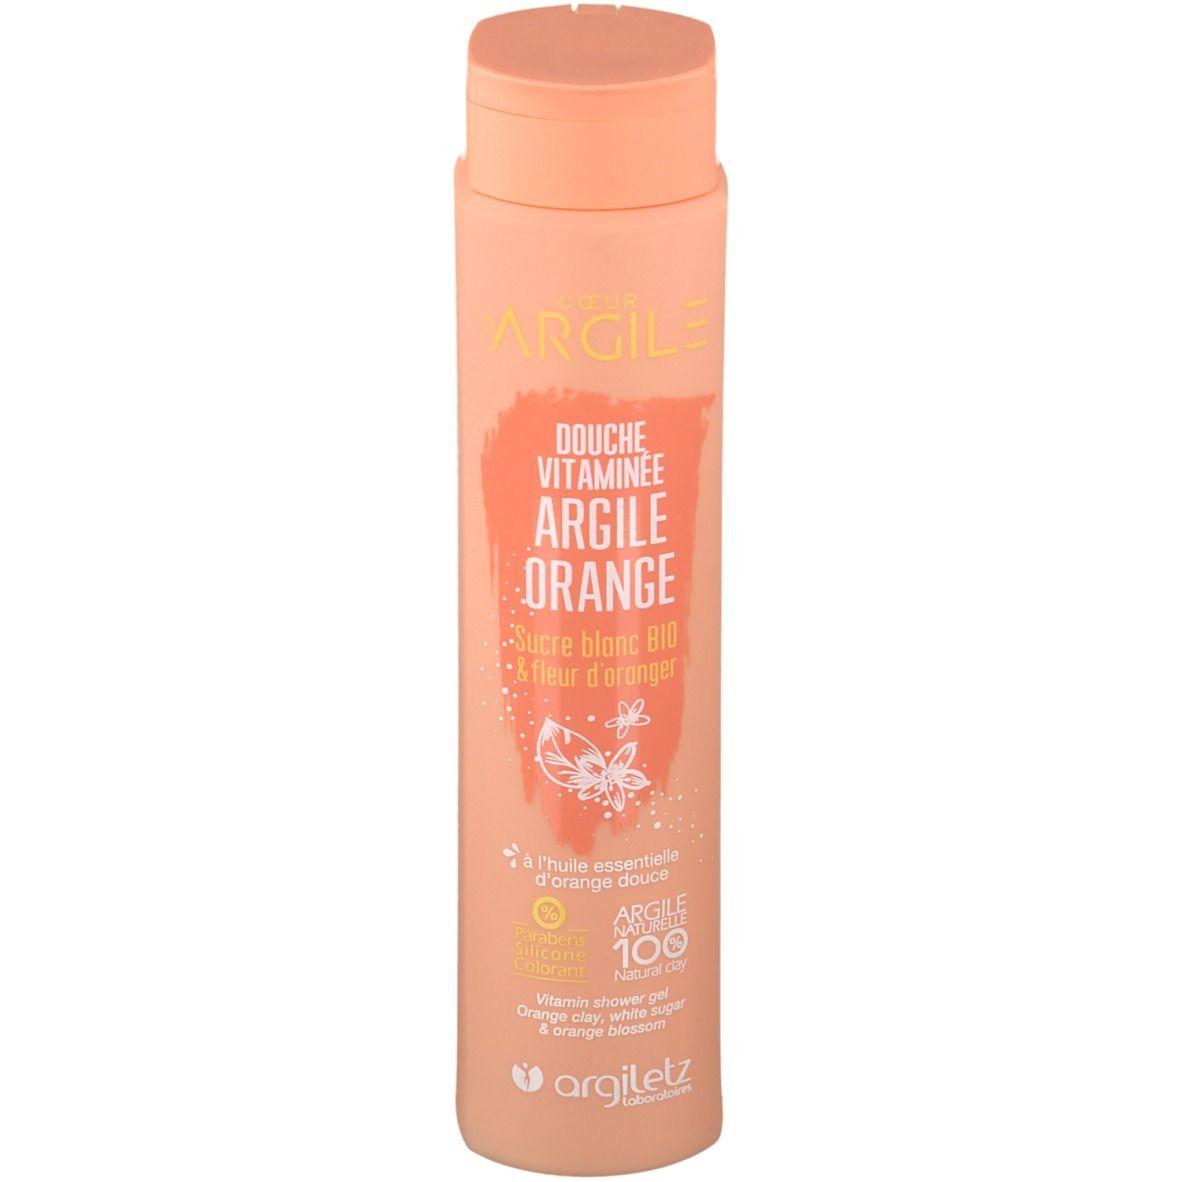 Image of Argiletz Coeur d'Argile Duschgel Orange Tonerde